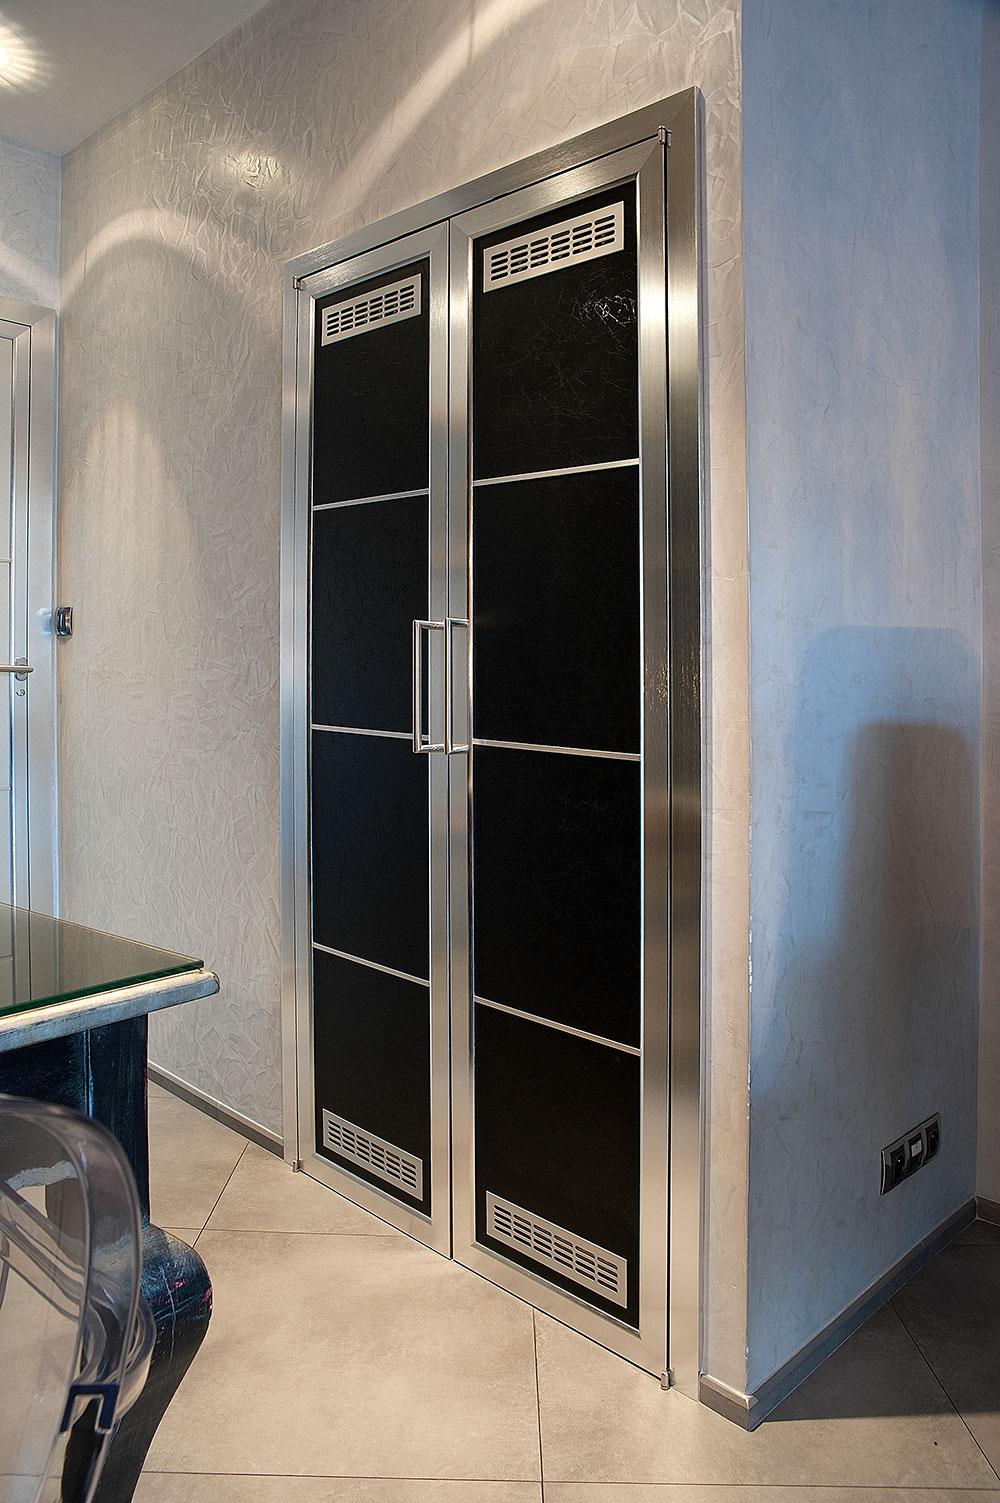 Studio immobiliare cannes porte scorrevoli e battenti for Porte arredamento moderno